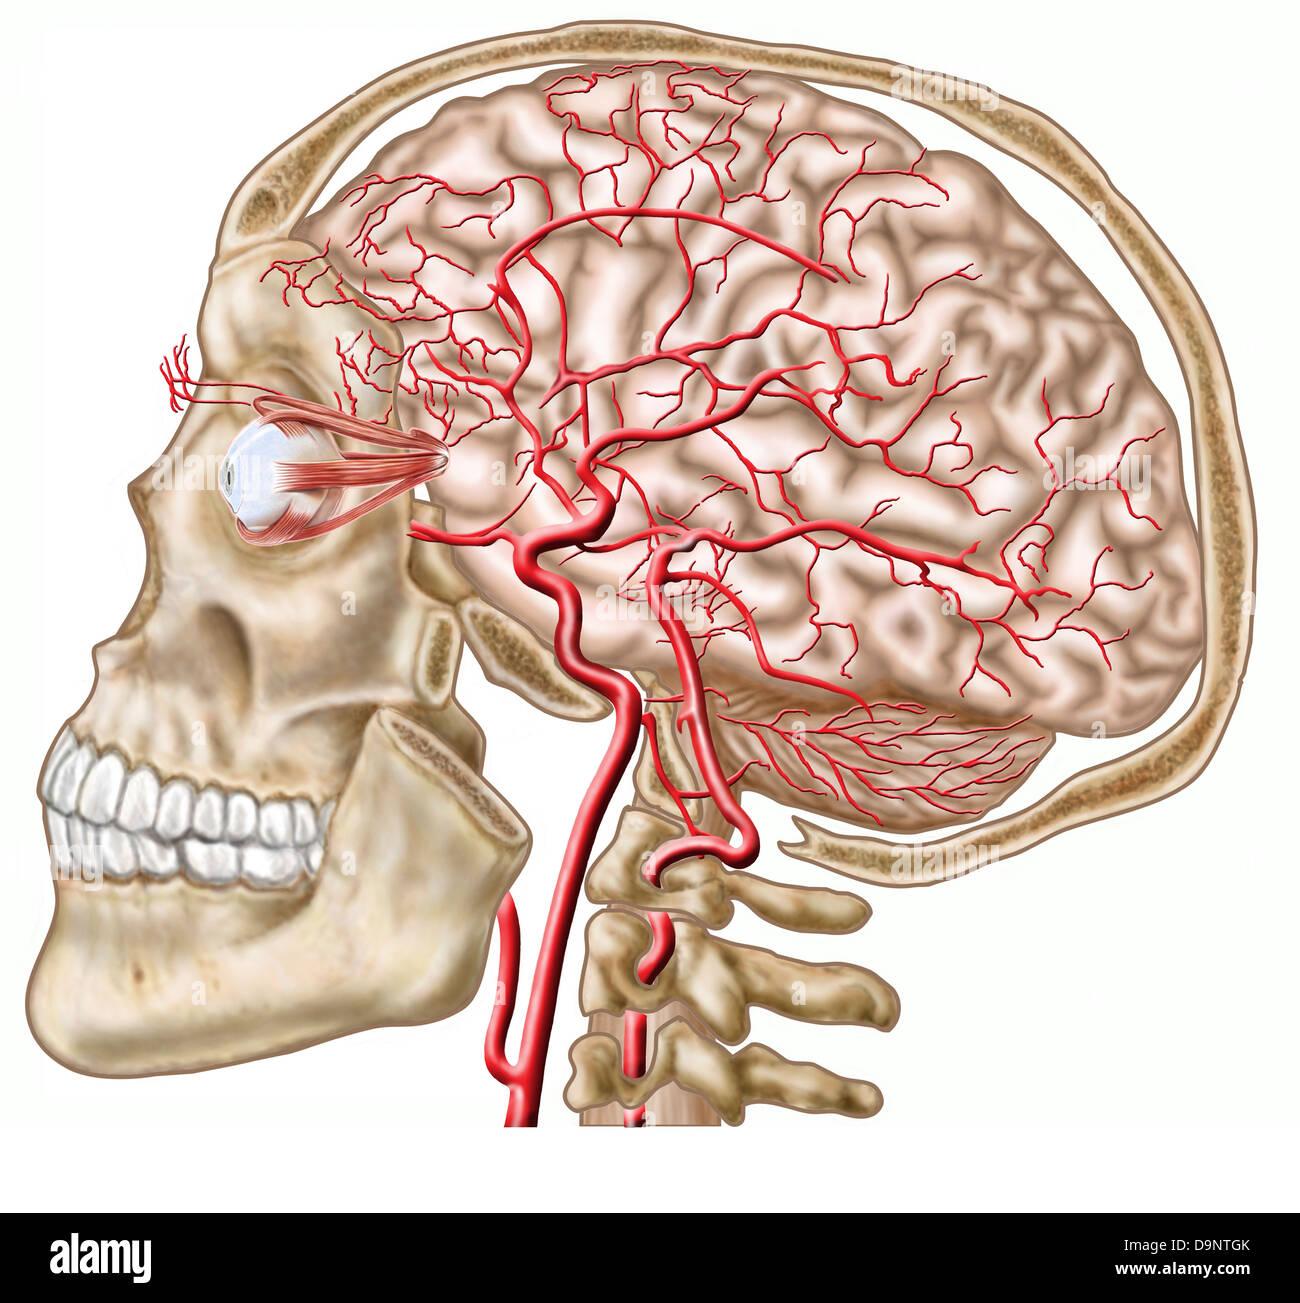 Anatomie des menschlichen Schädels, Augapfel und Arterien zum Gehirn ...